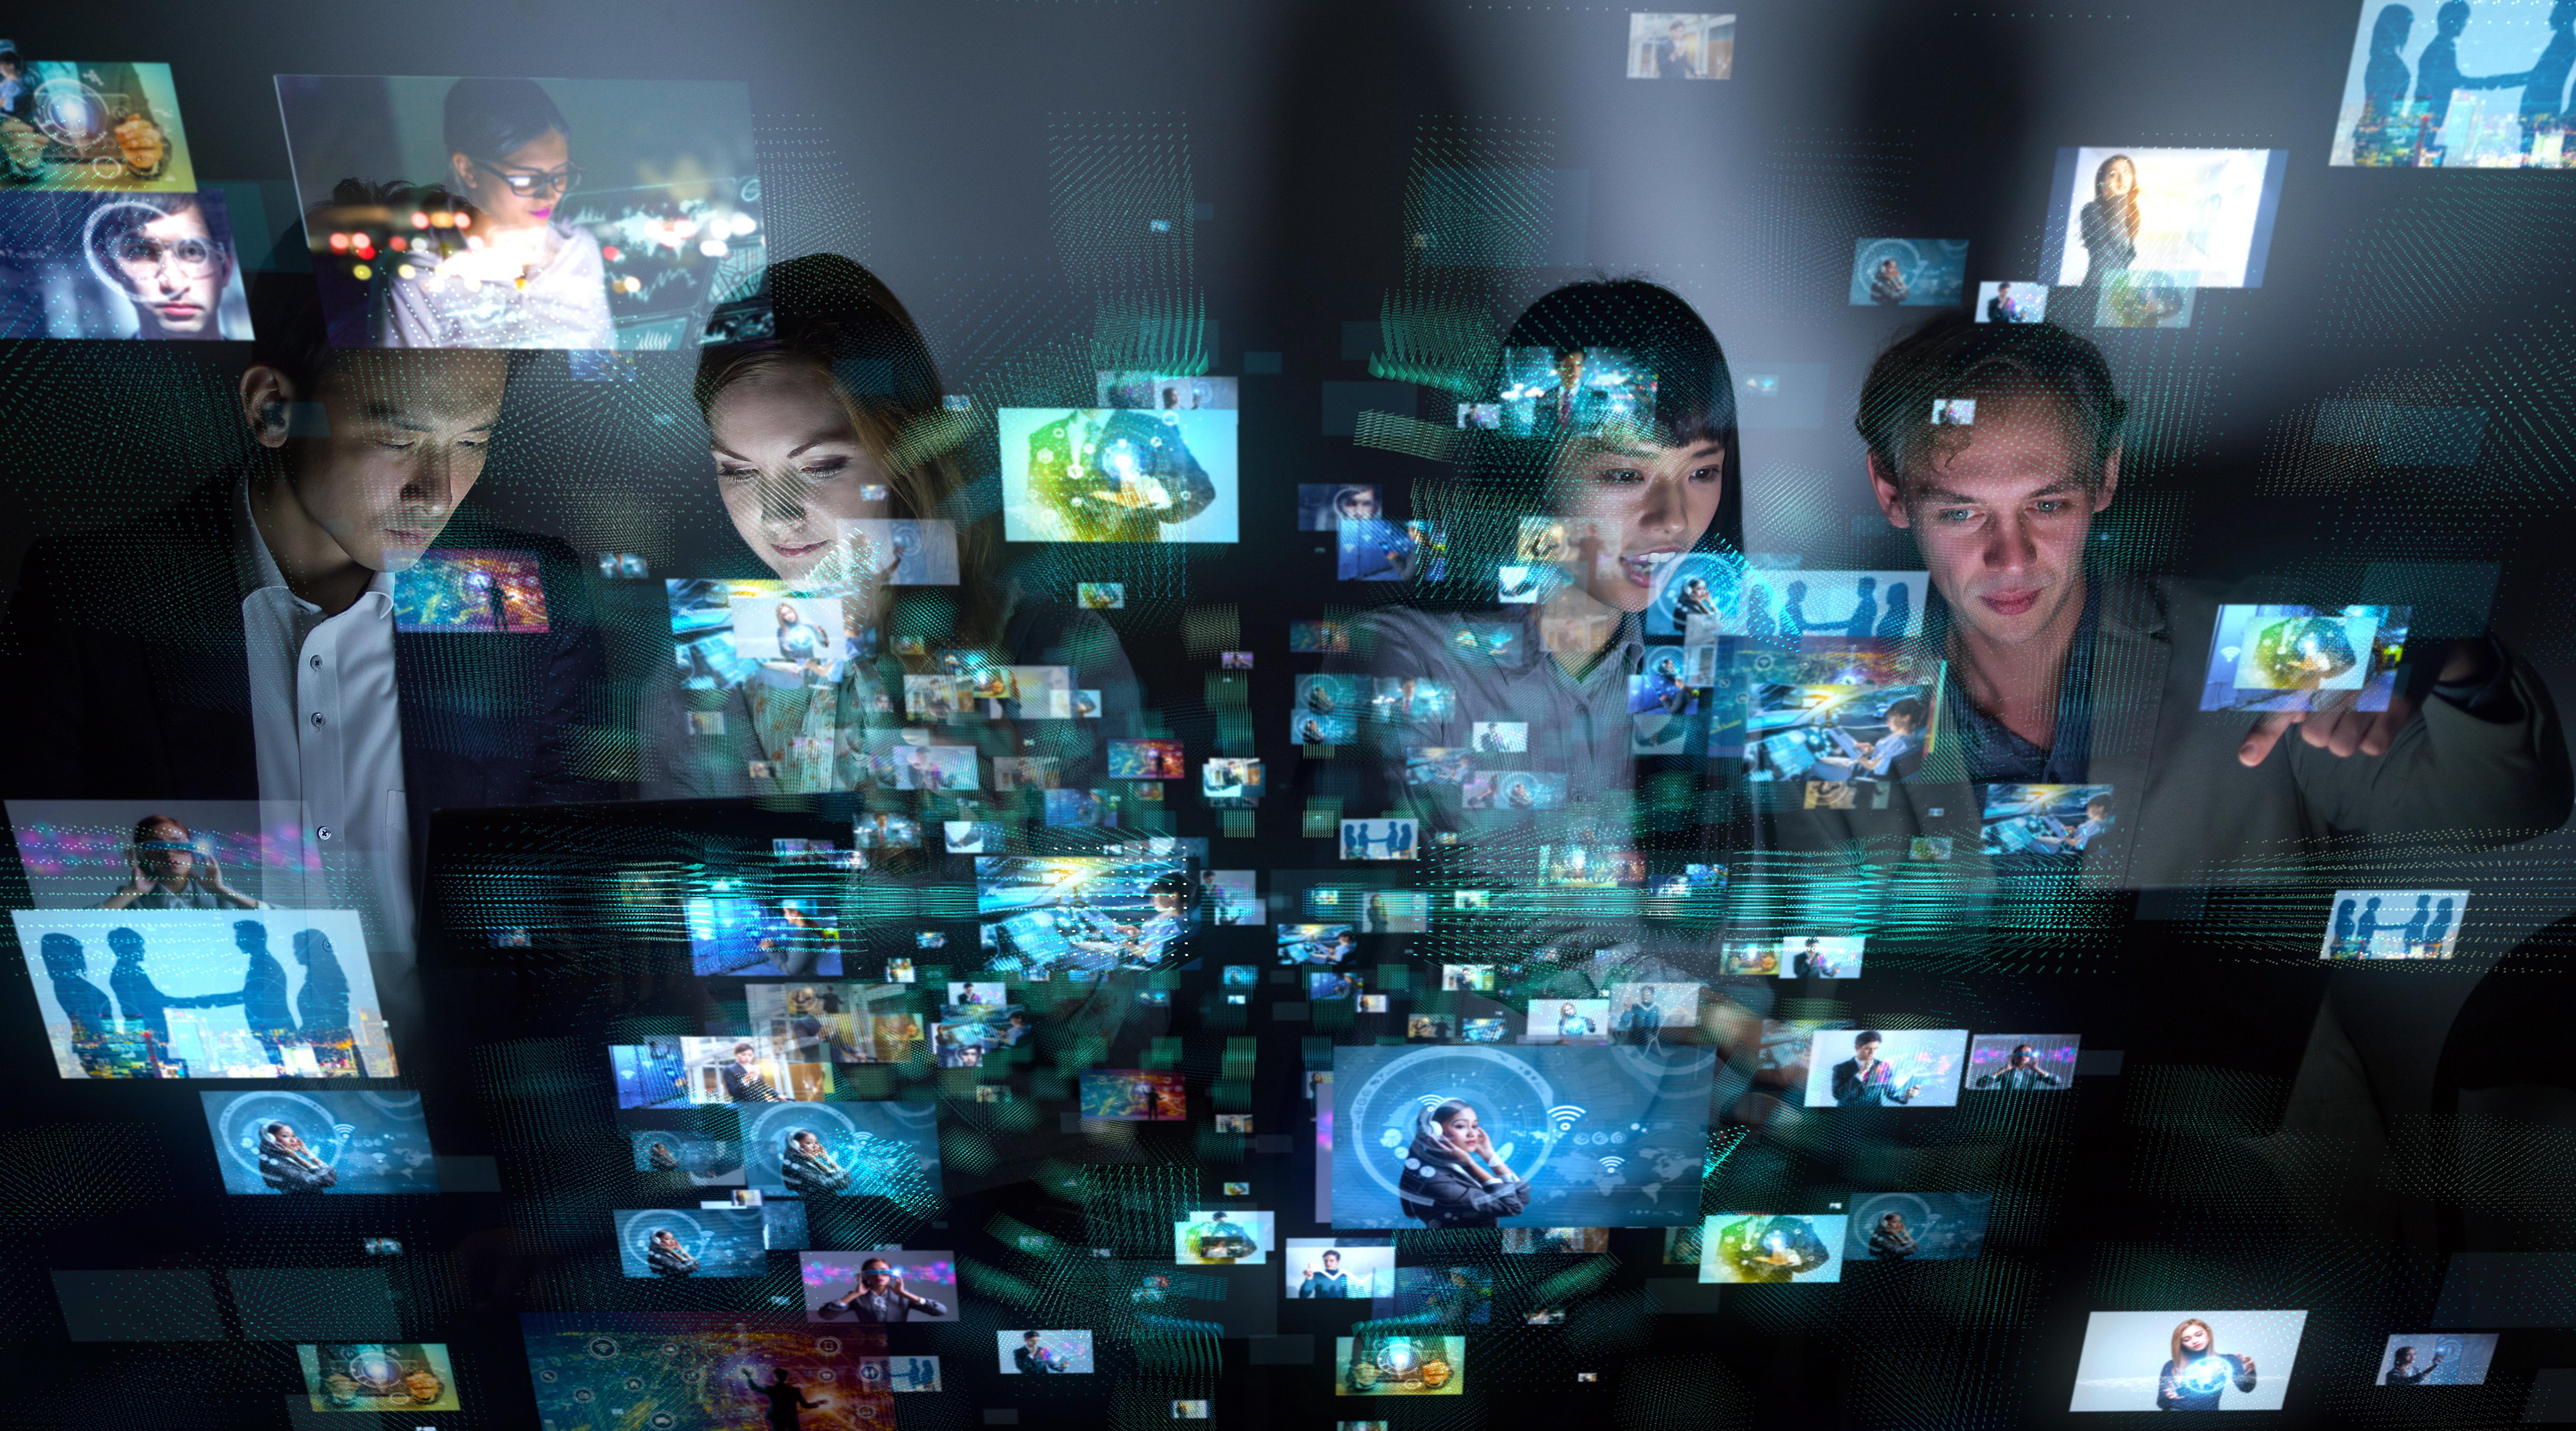 静止画と動画が散らばっている